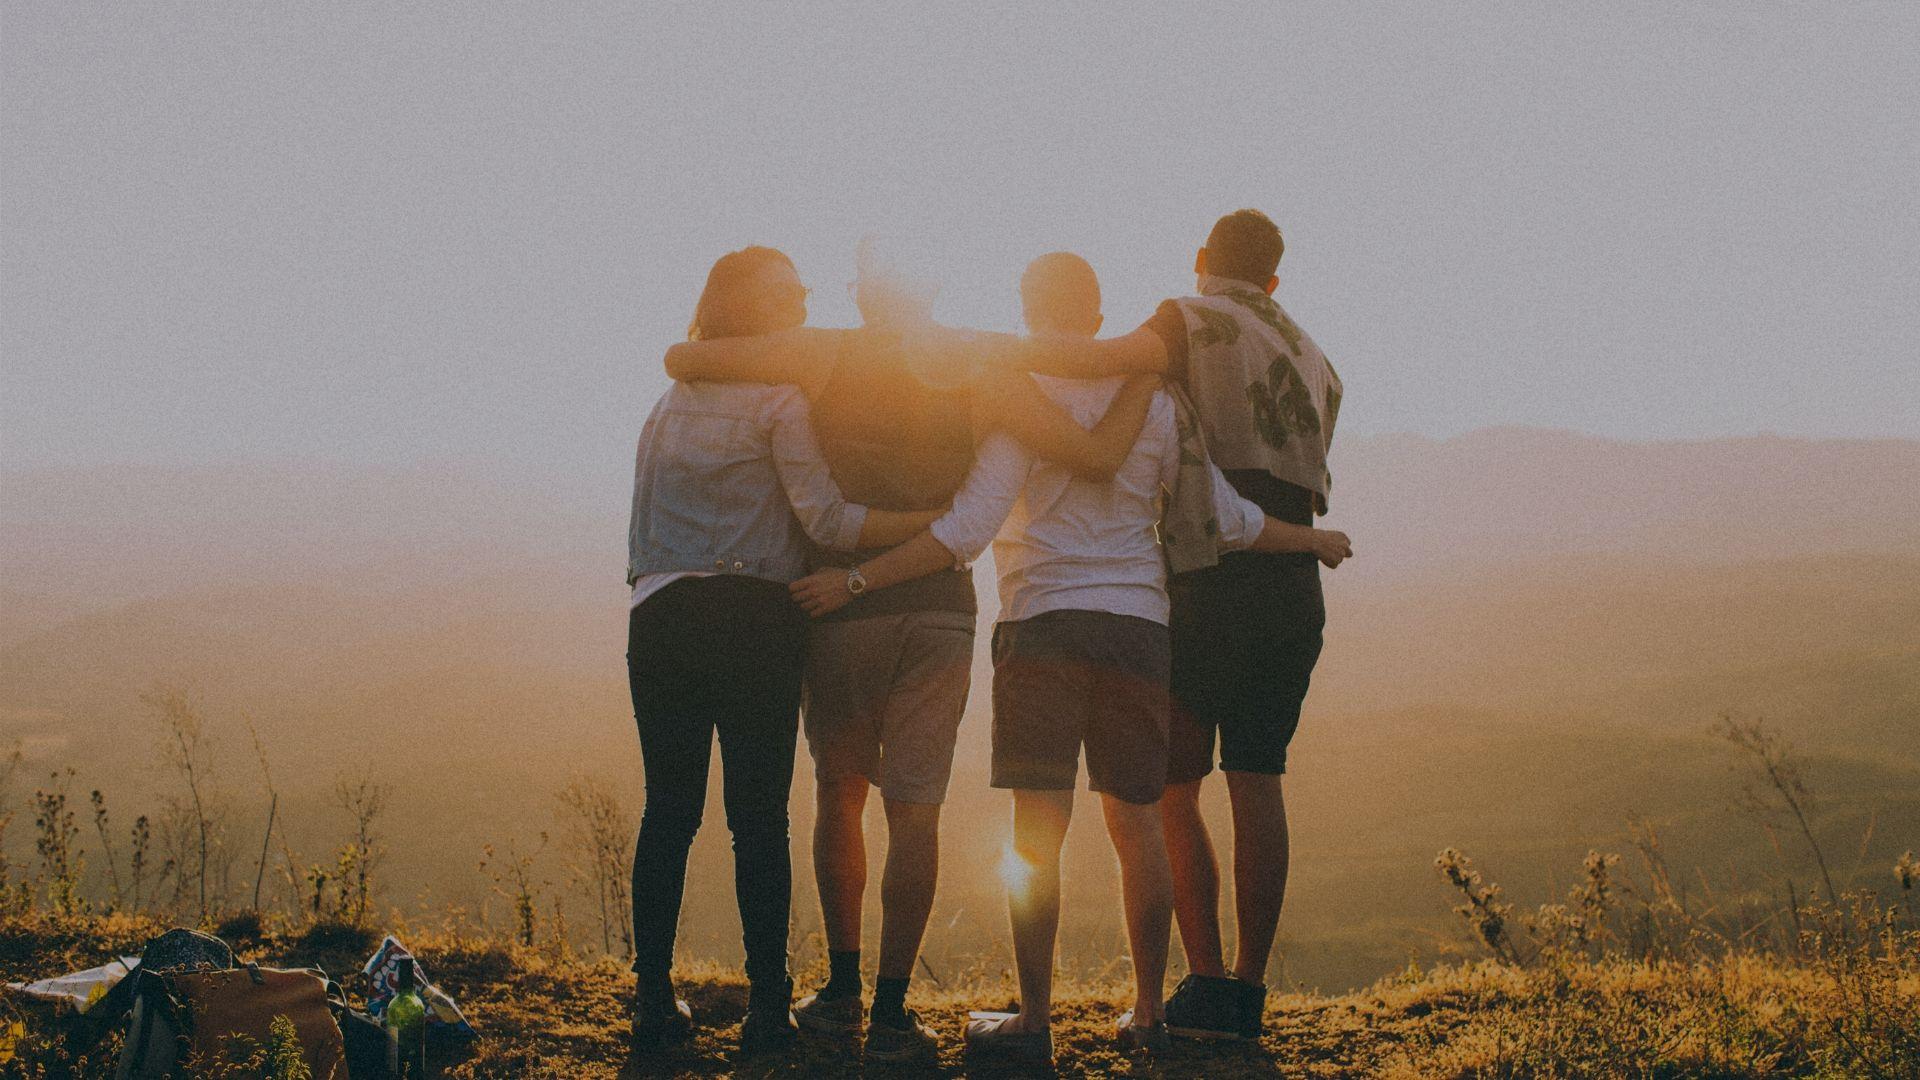 planificar-una-escapada-rural-con-amigos